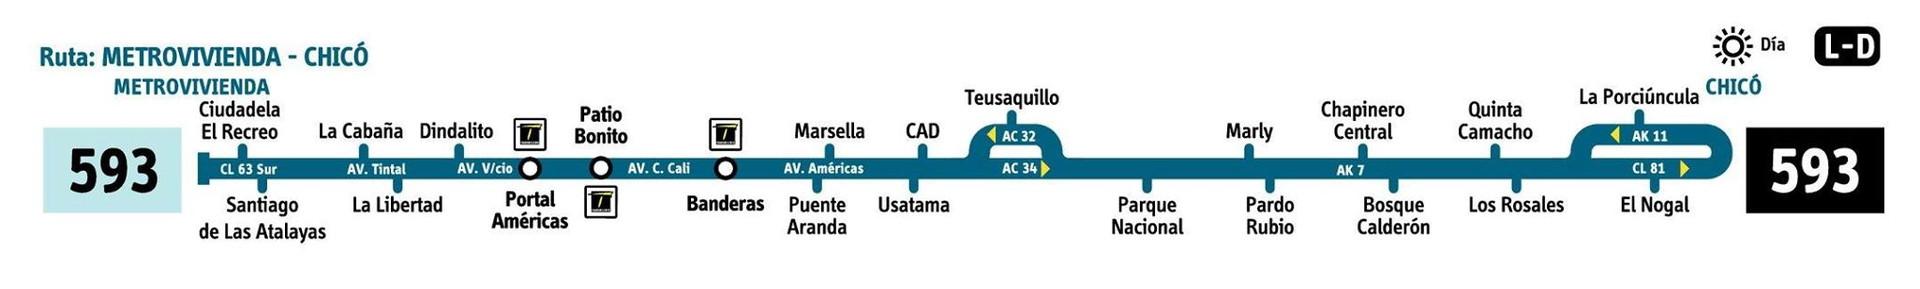 Ruta SITP: 593 Metrovivienda ↔ Chicó [Urbana] 2